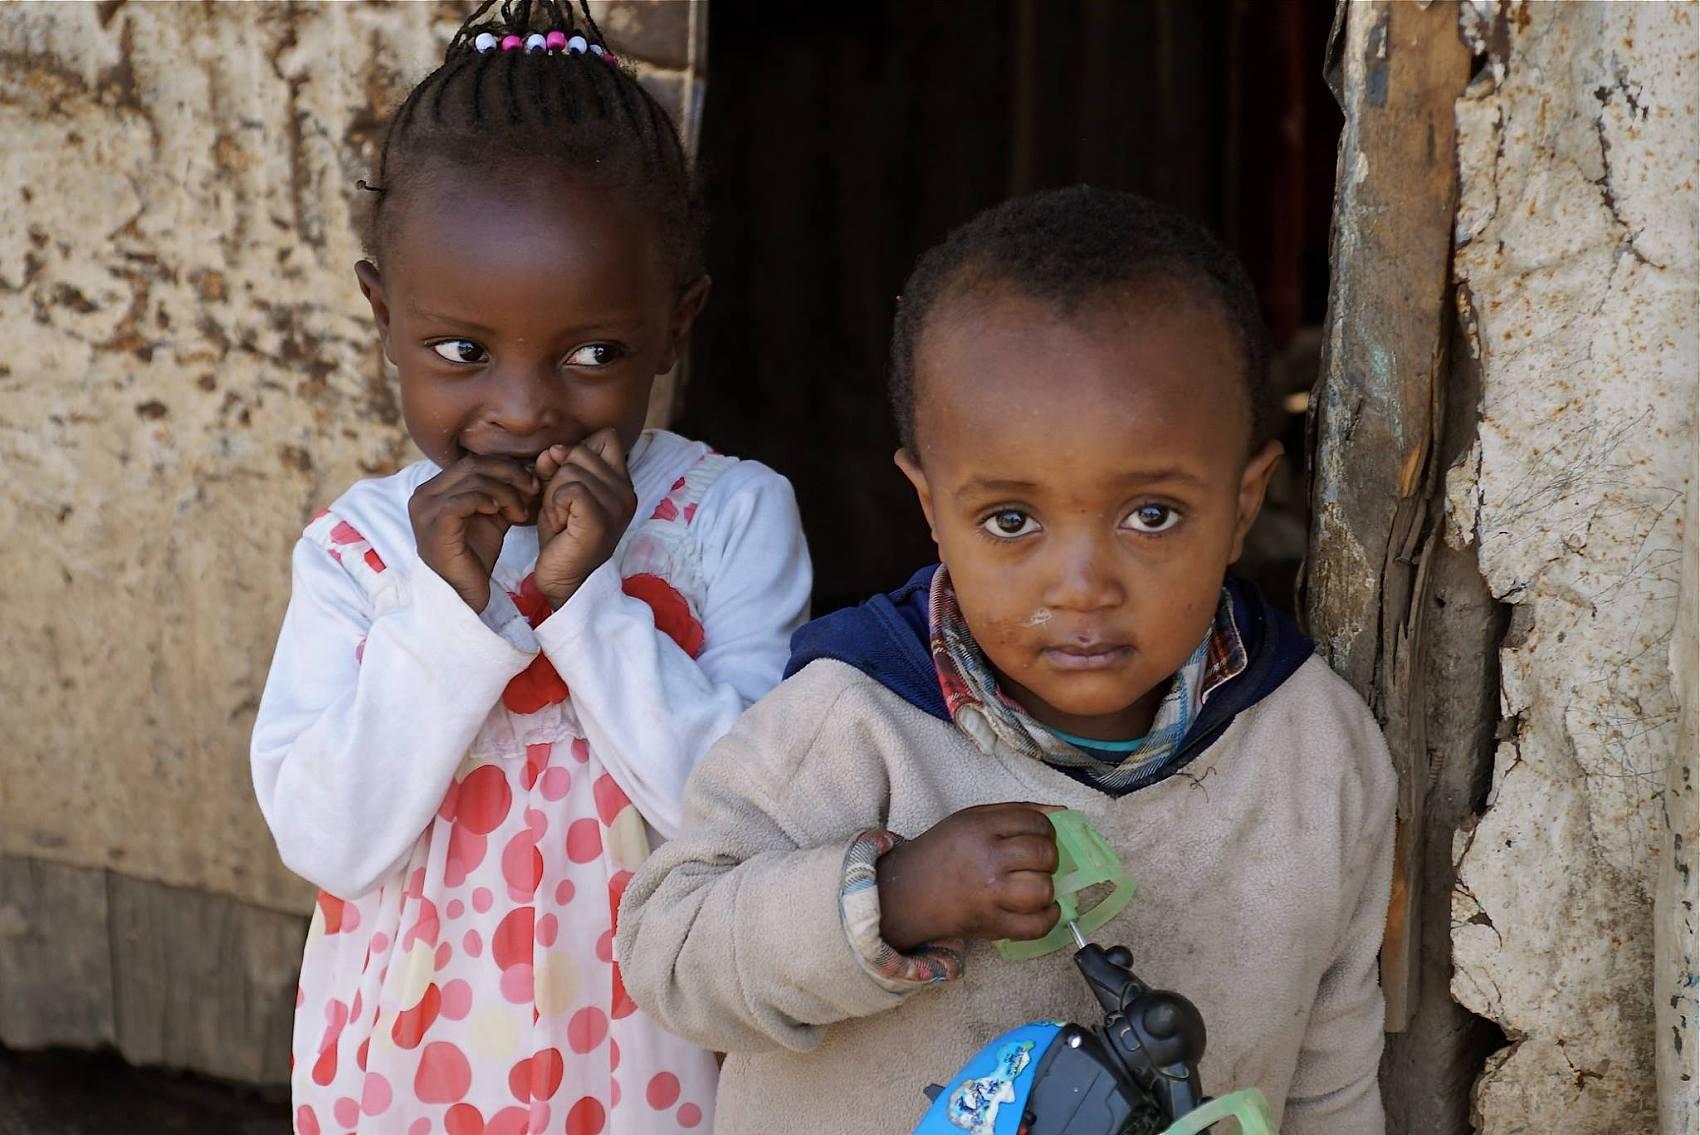 Kenya marks Int'l Children's Day, pledges to boost children literacy, safety